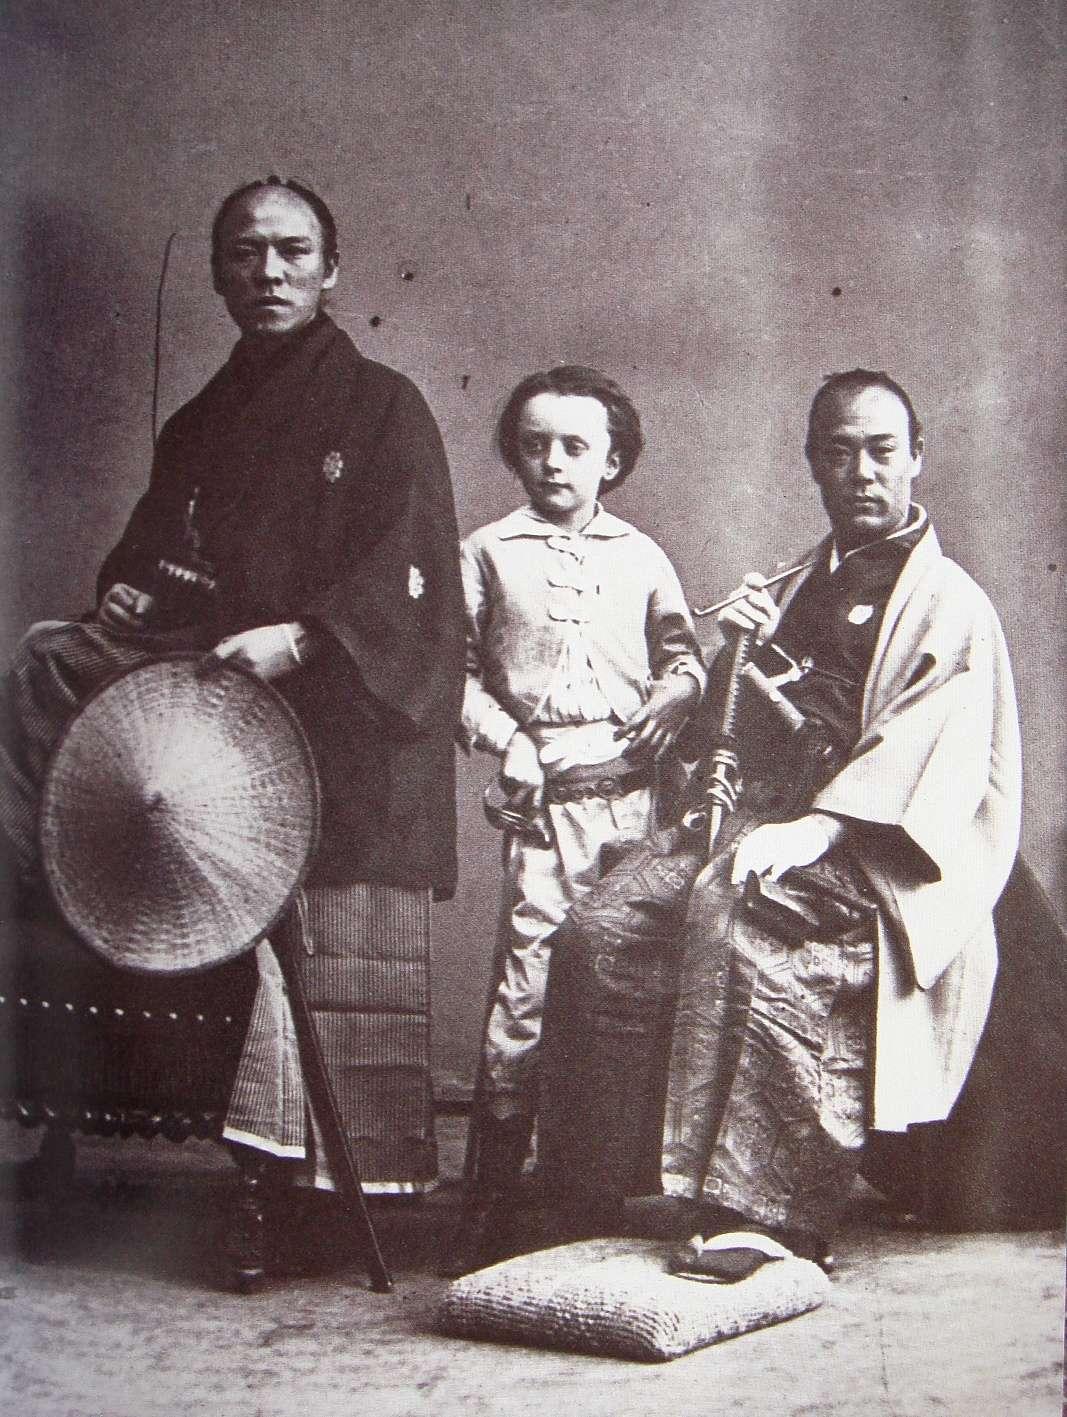 1900年頃に撮られた写真でイギリス兵と日本兵が手繋いでる!→ 実は写真にビビる日本人を落ち着かせる為だった?!